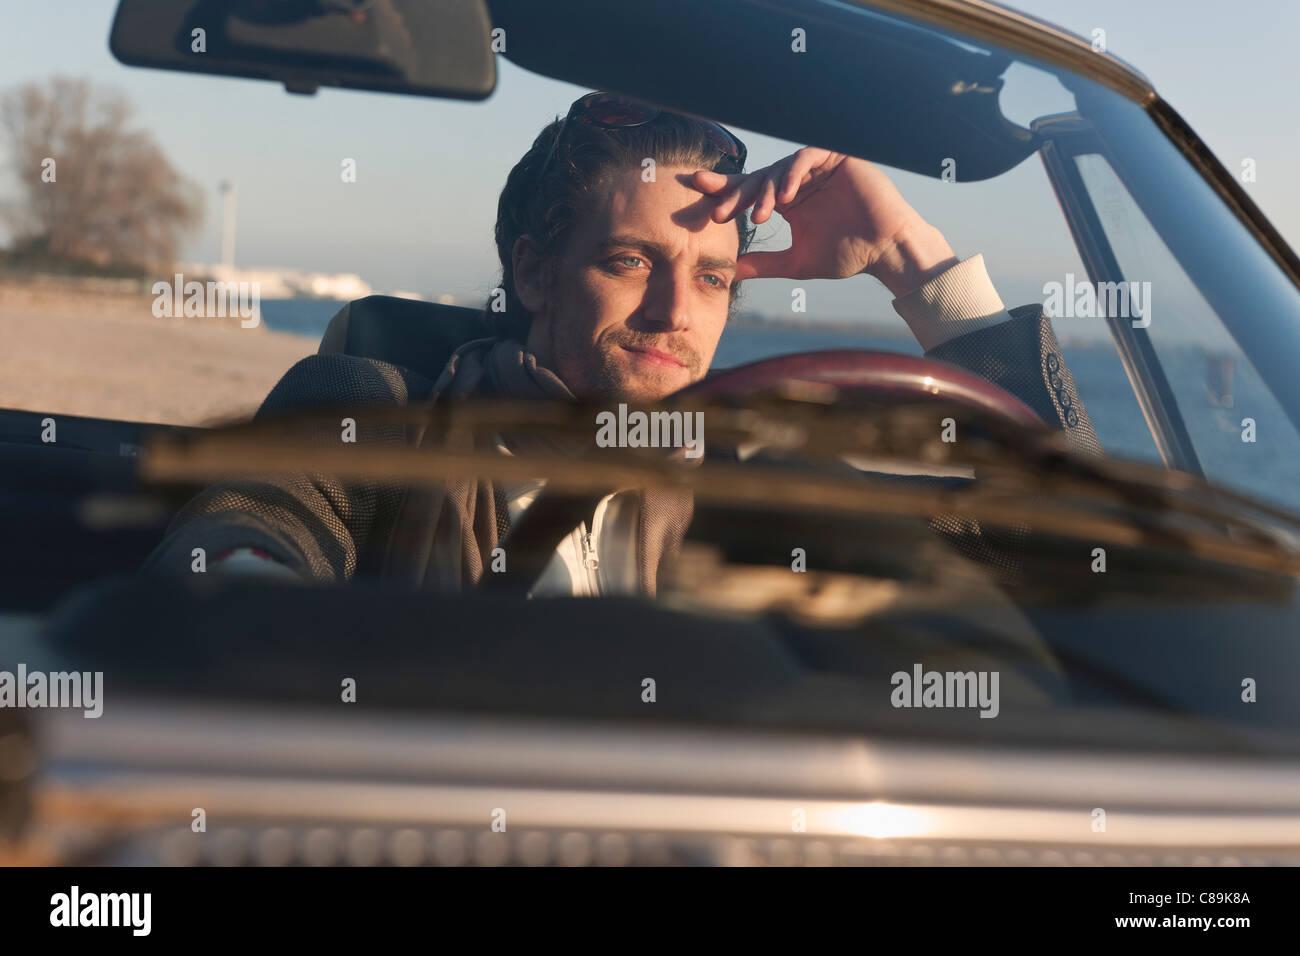 Deutschland, Hamburg, Mann klassische Cabrio Auto fahren Stockbild